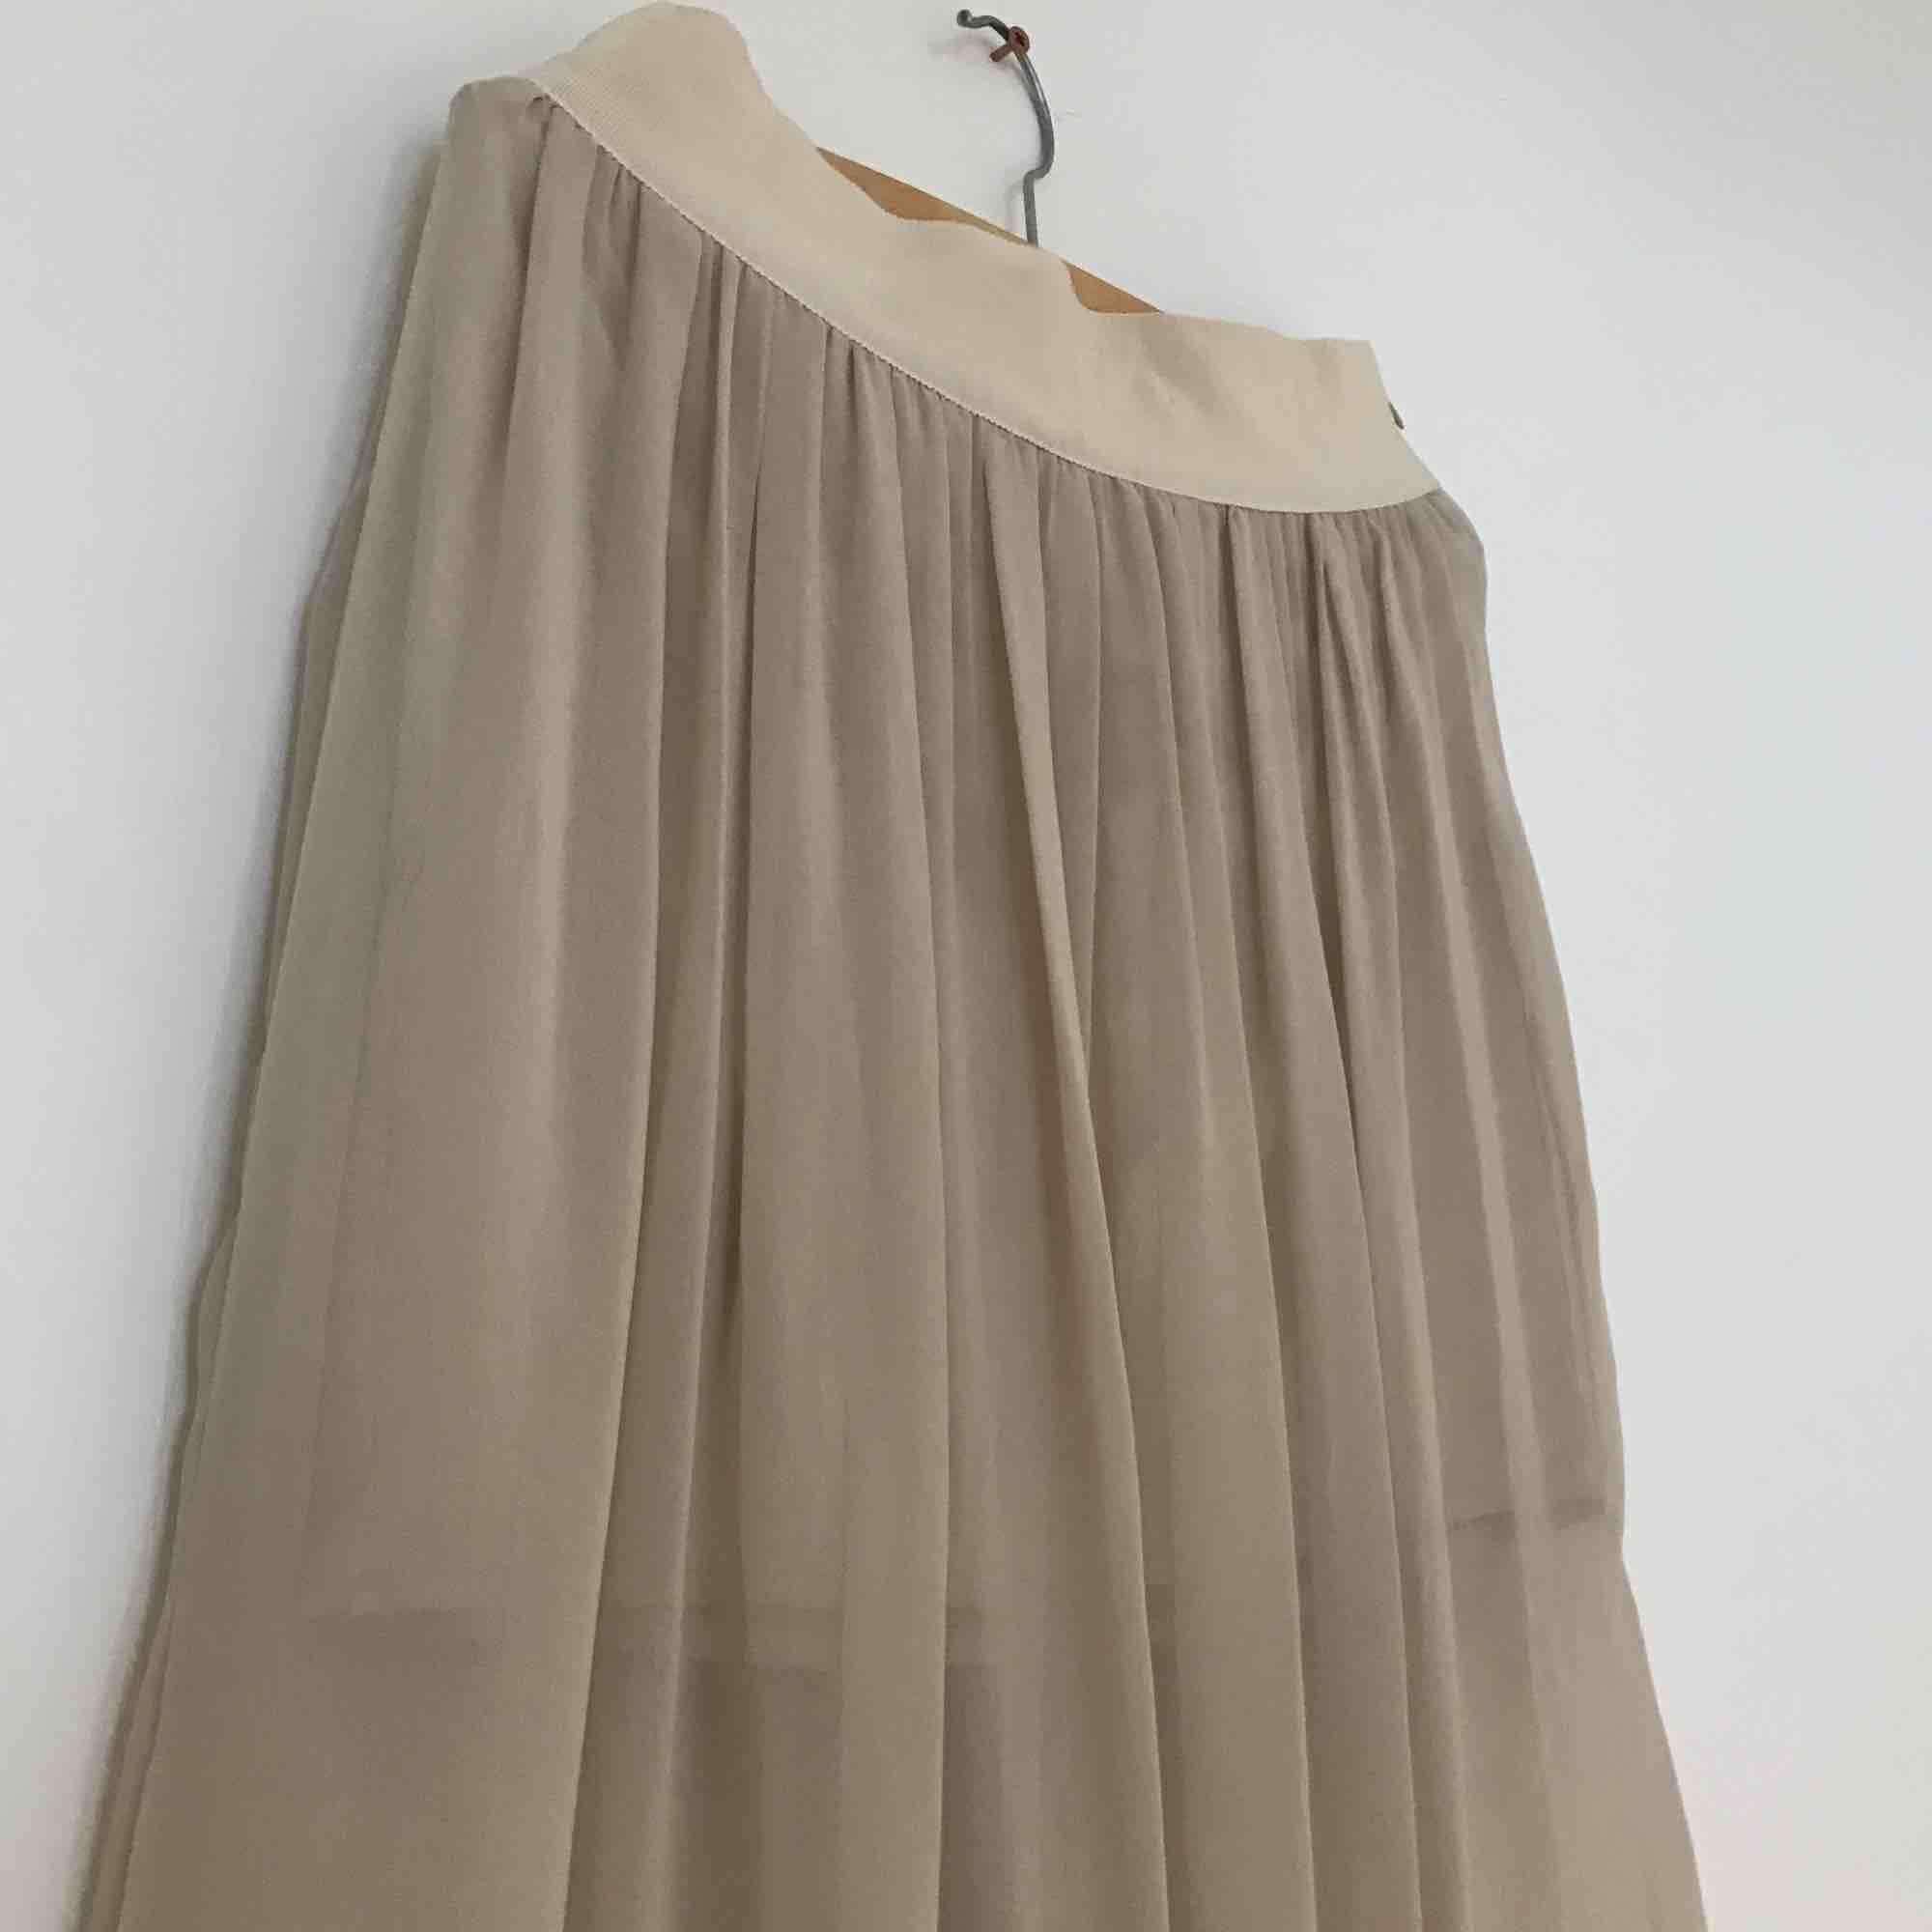 Skir beige lätt högmidjad kjol m innerkjol, knappt använd.. Kjolar.